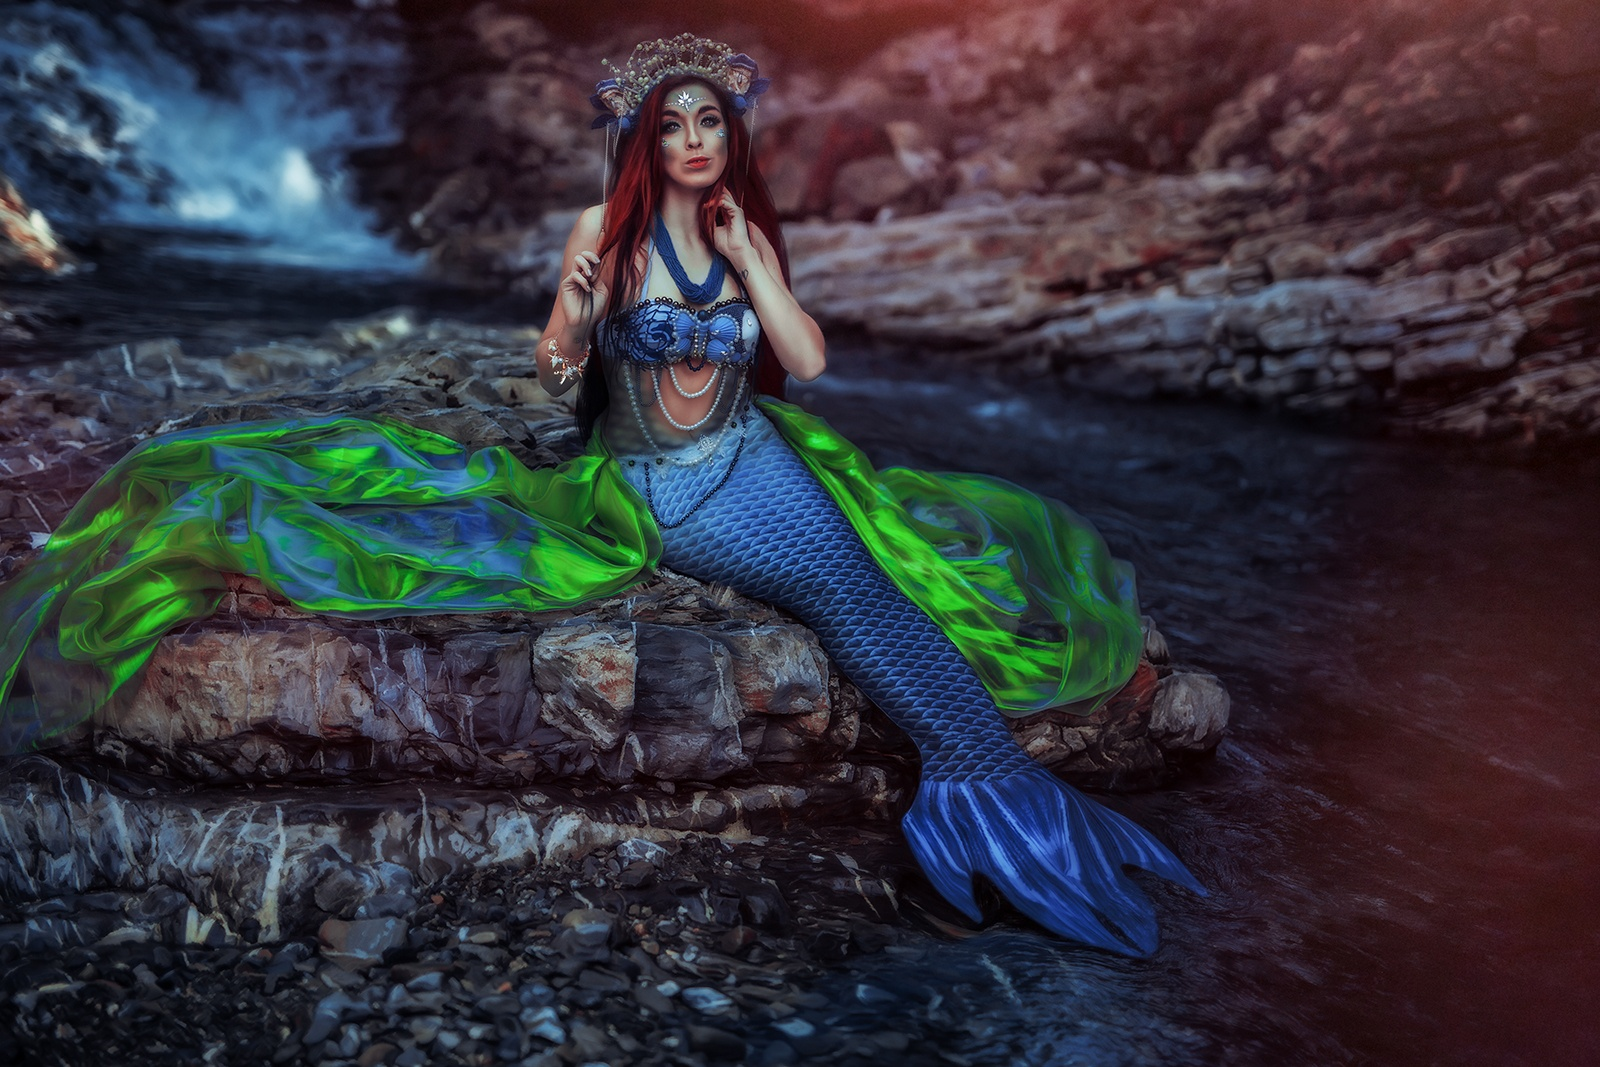 Mermaid-Fantasy-Fotoshooting-Schweiz-Sommer-Meerjungfrau-Wasser-Water